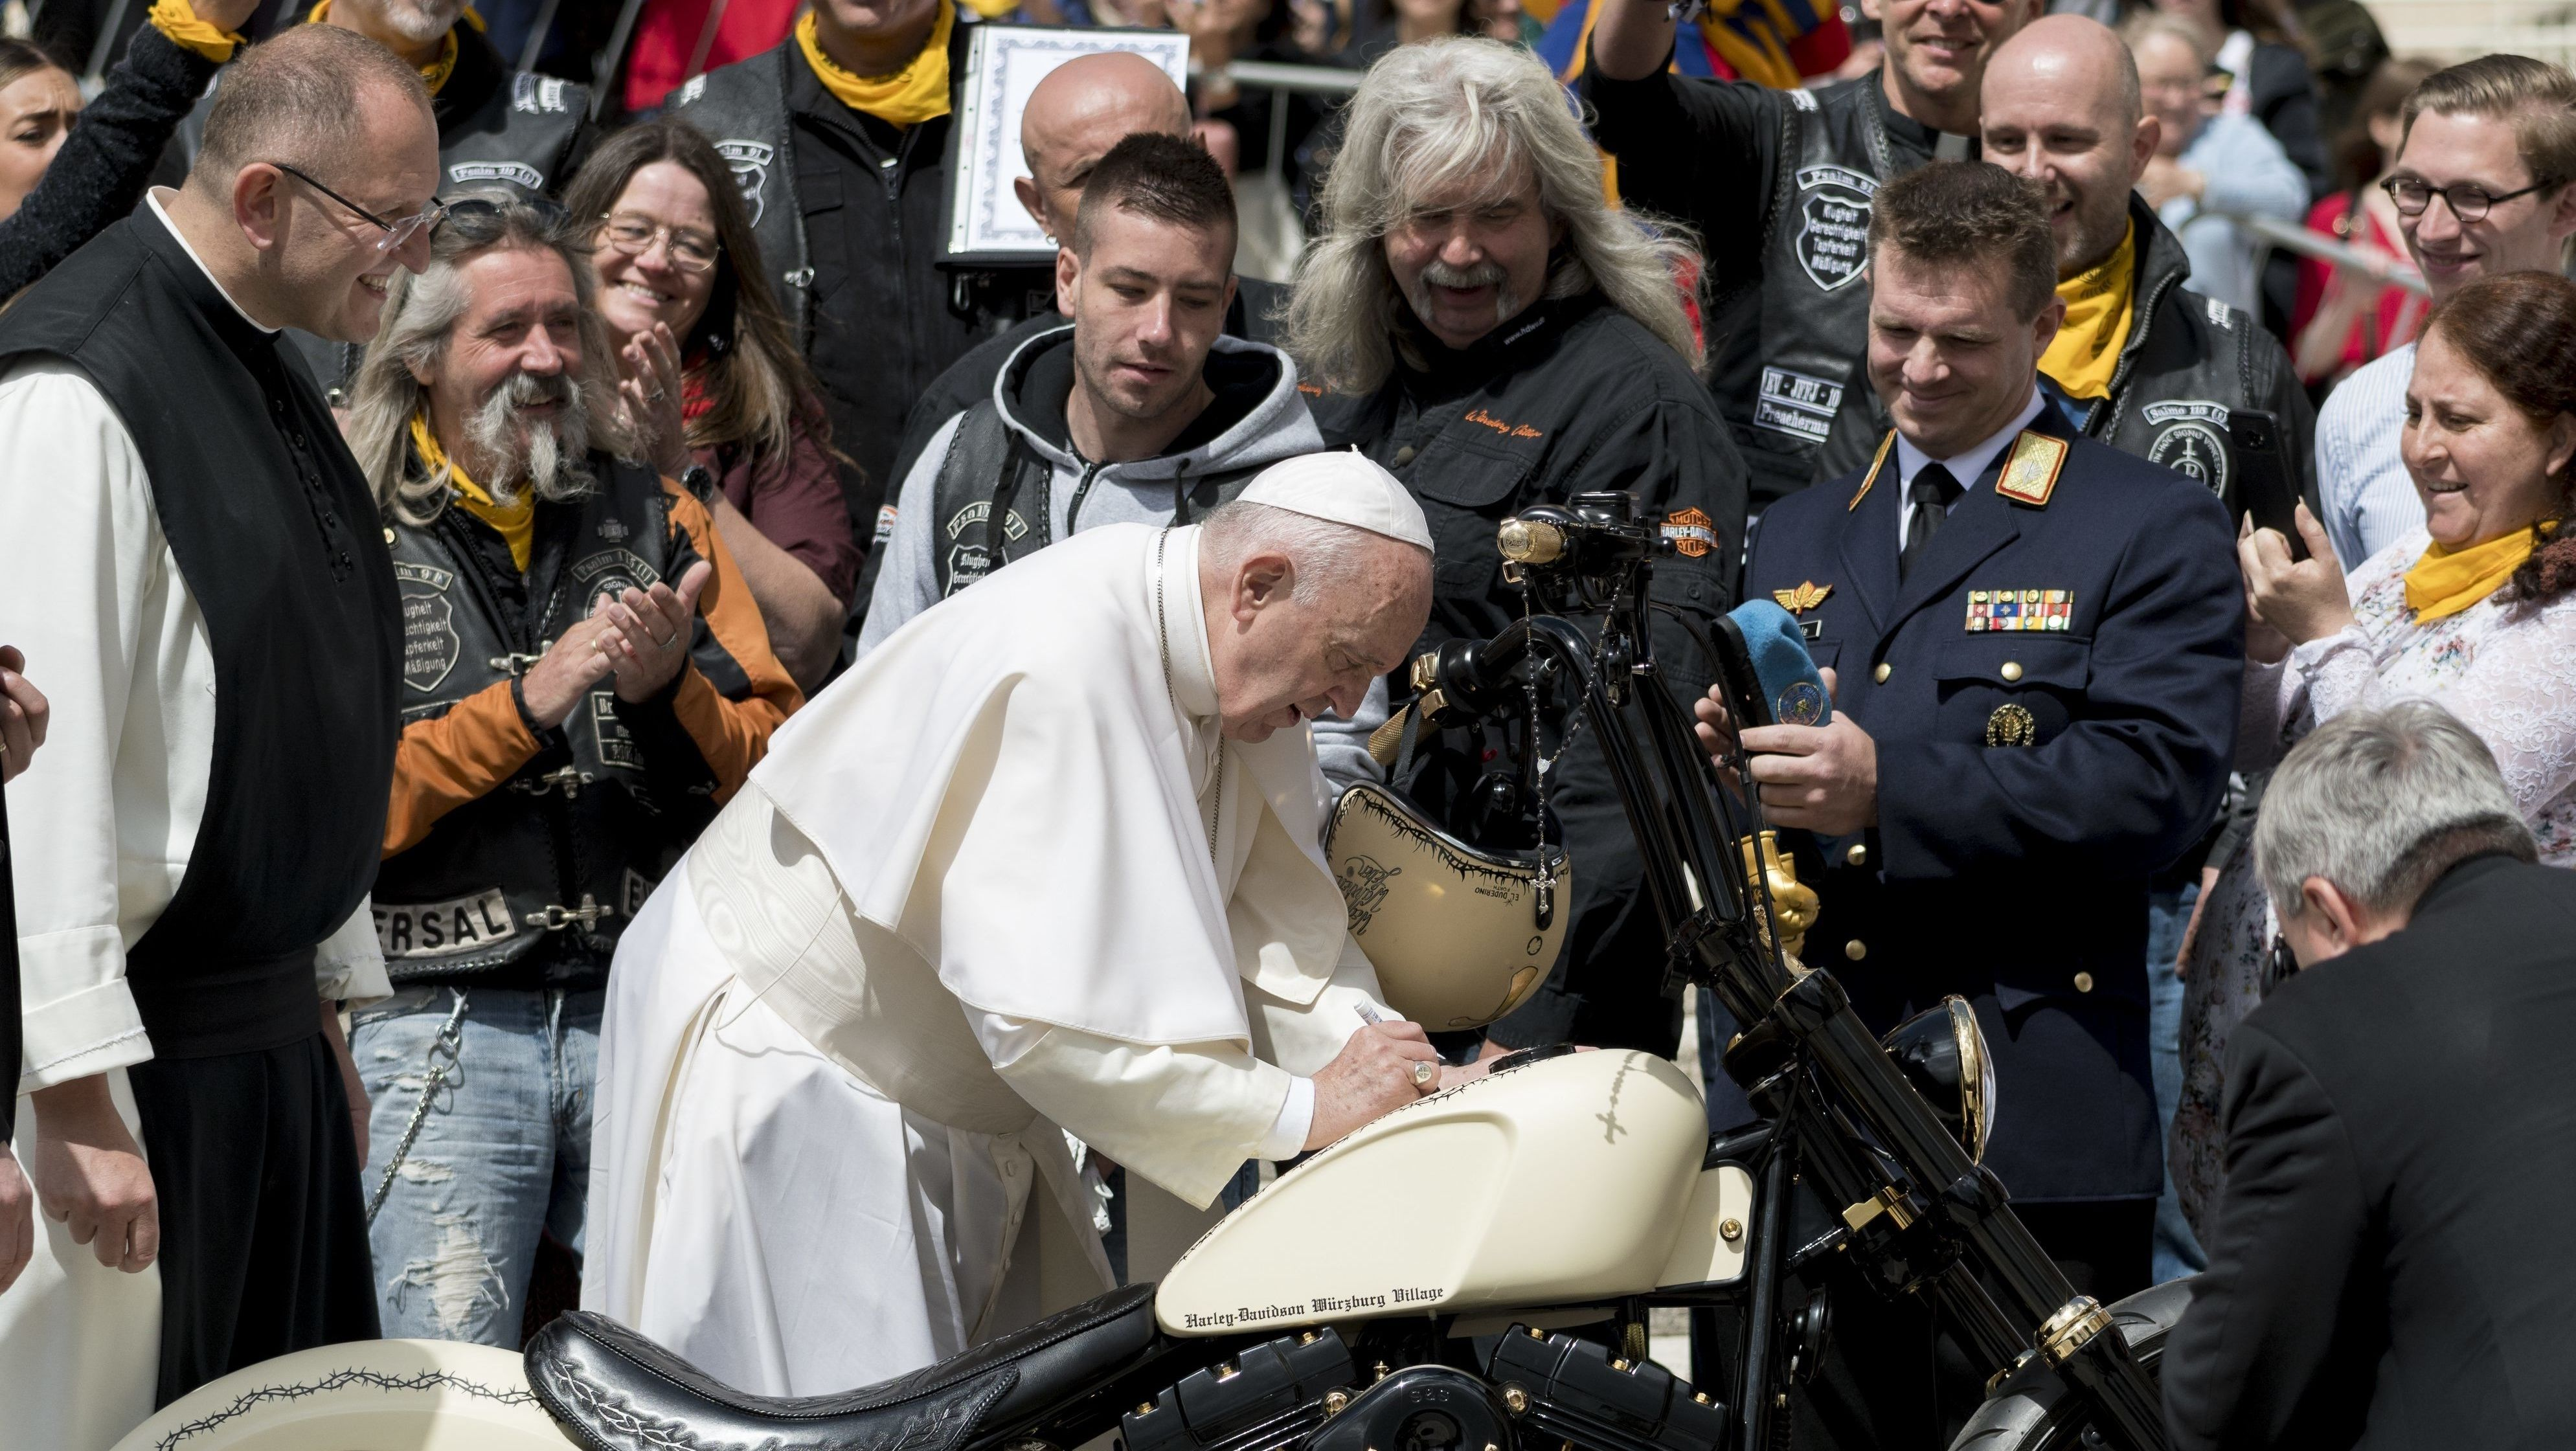 Papst Franziskus unterzeichnet die Papst-Harley aus Hettstadt